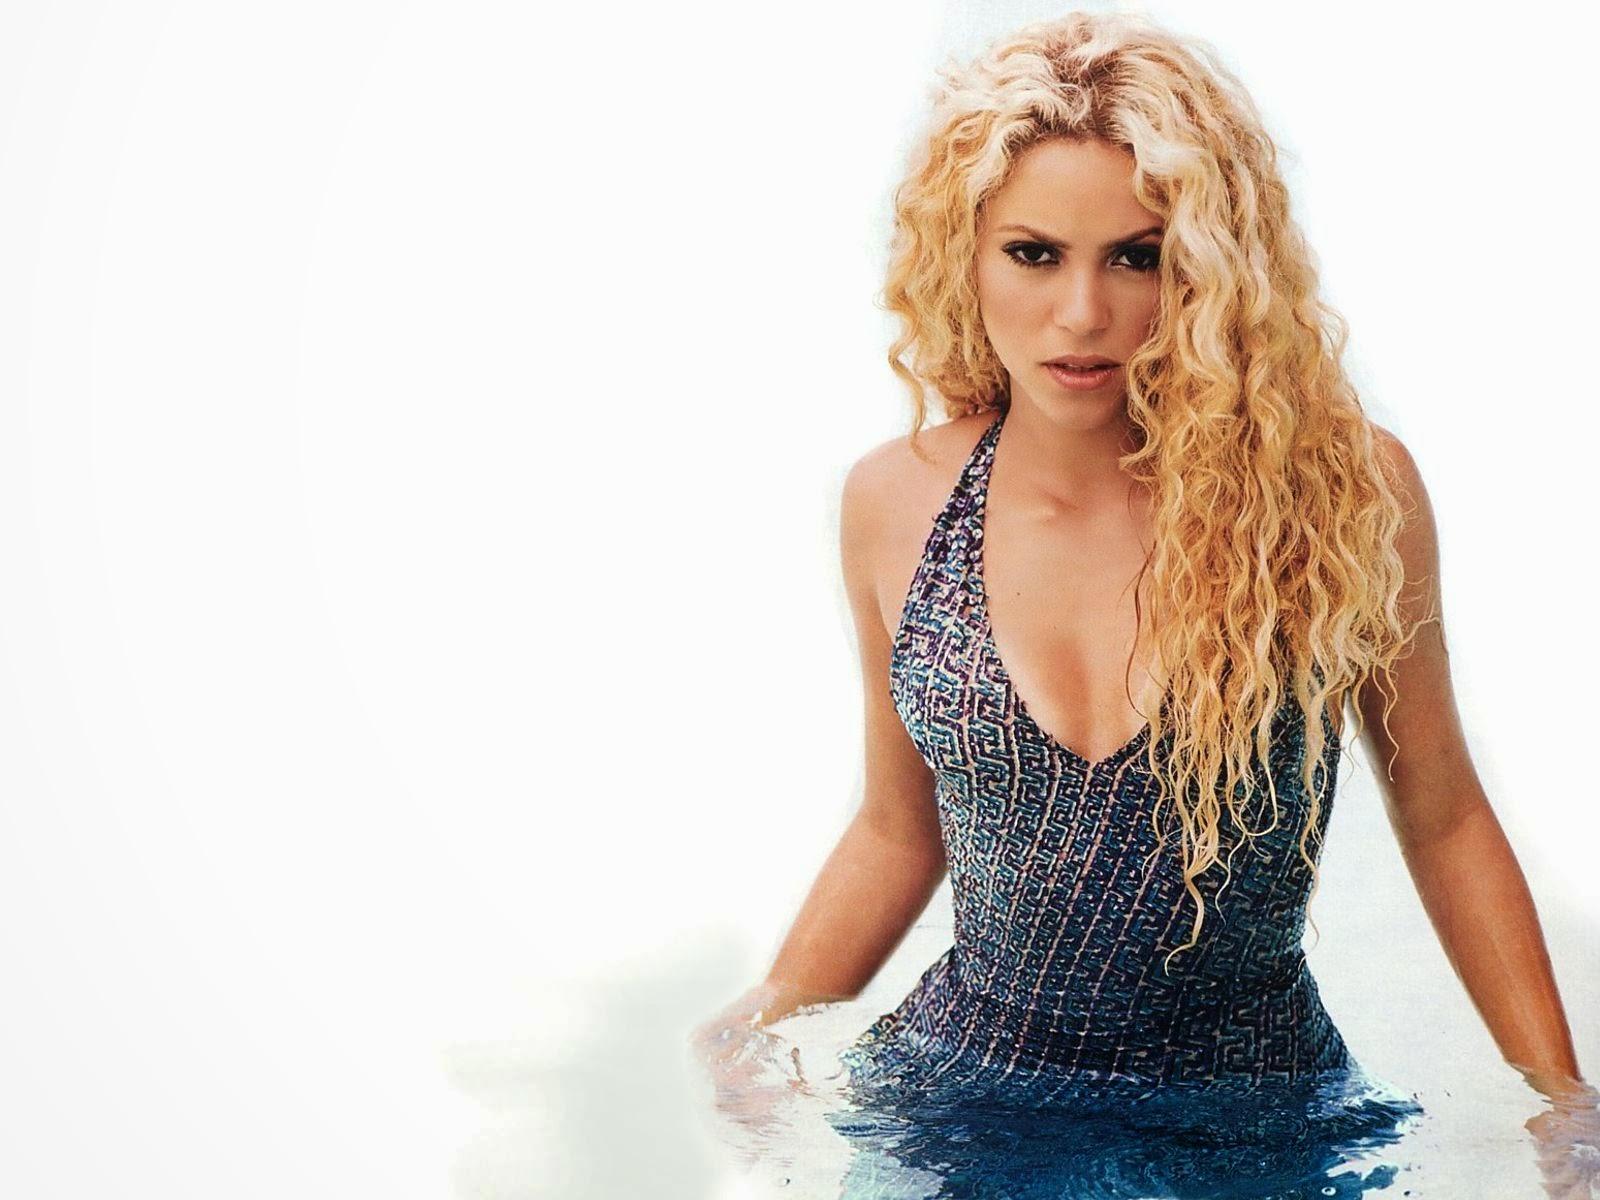 Shakira Beautiful New HD Wallpaper 2014 | Beautiful World ... Shakira